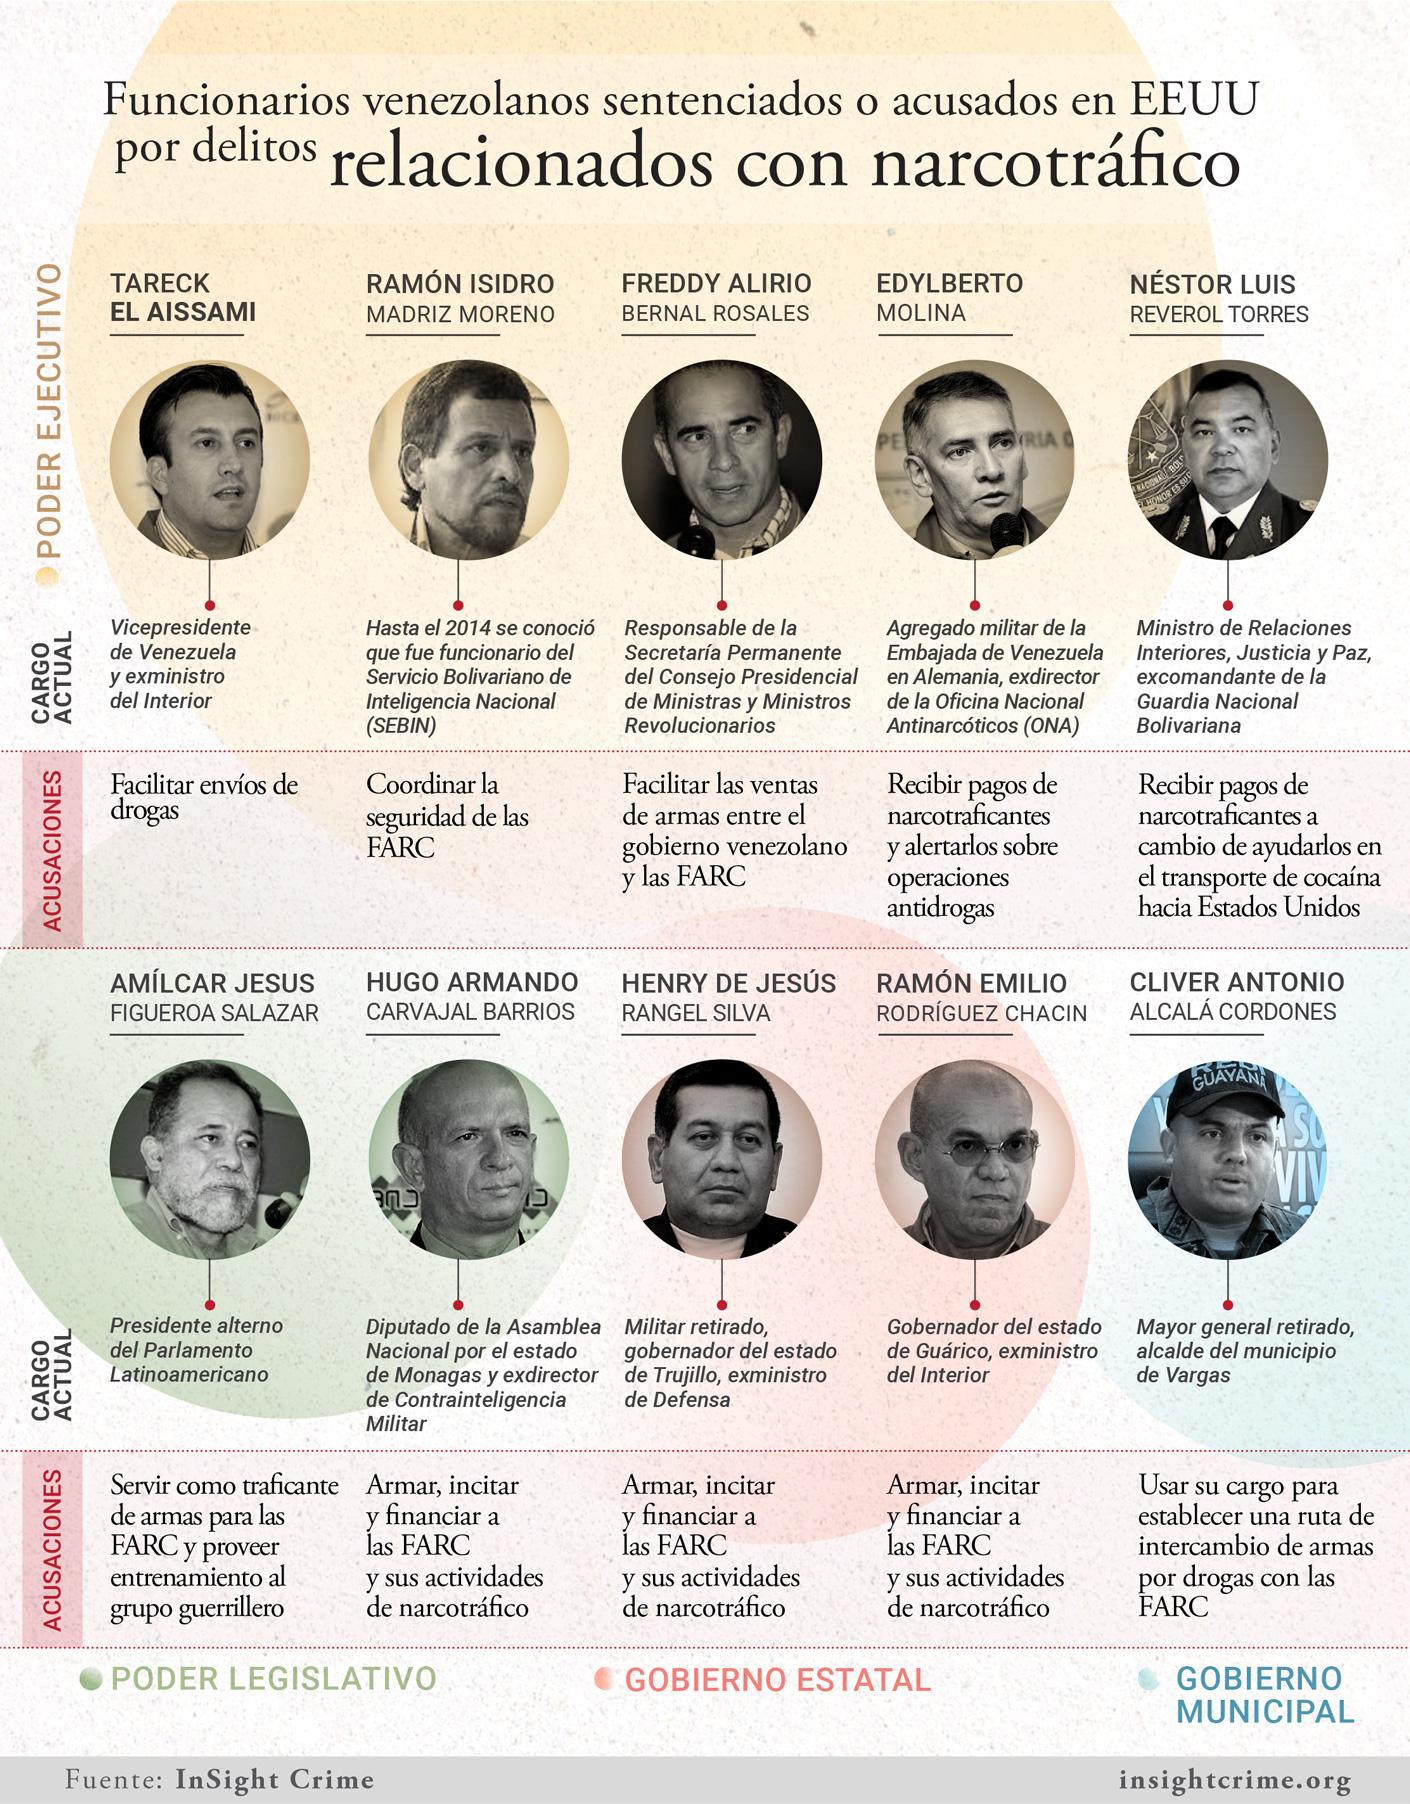 Venezuela Gov Drogas insightcrime